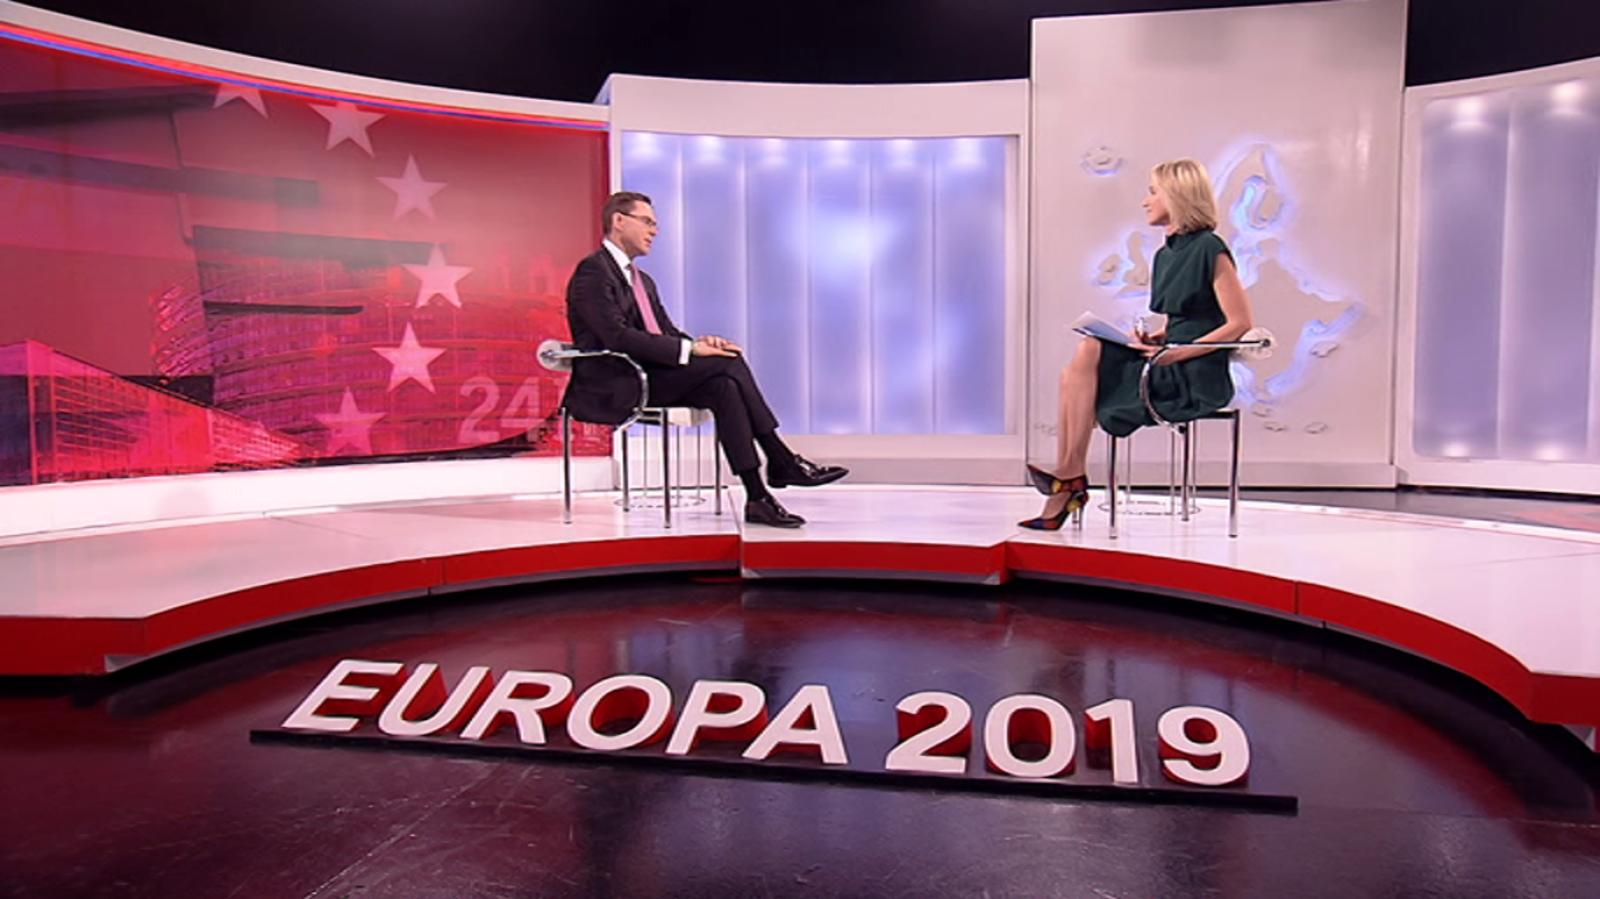 Europa 2019 - 08/02/19 - ver ahora